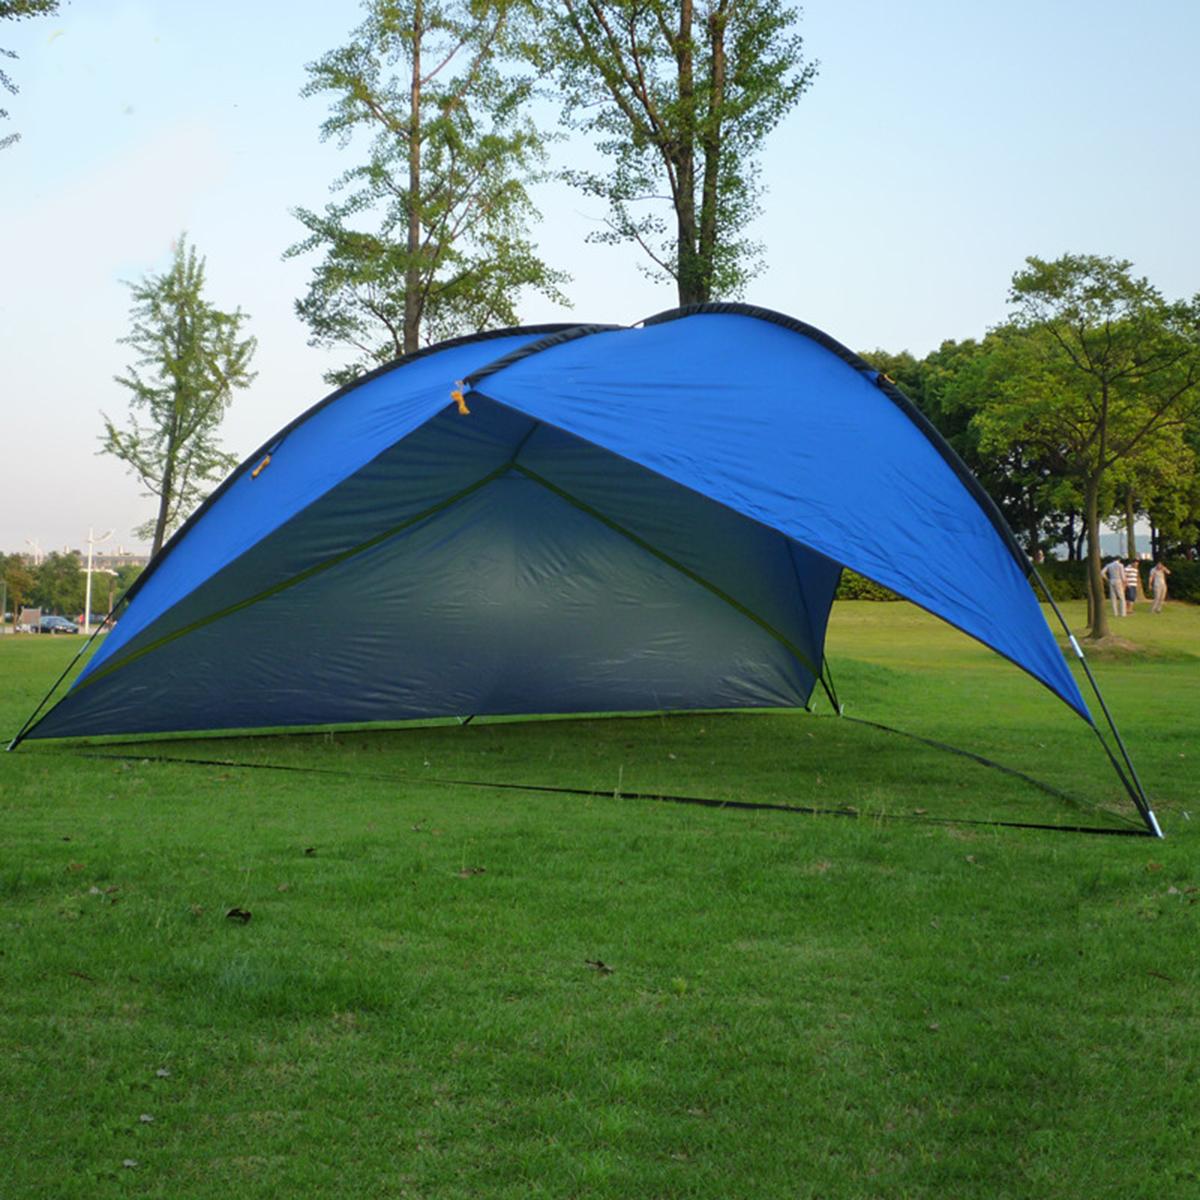 NEW 16'x16'x16' Pop Up Cabana Beach Blue Sand Tent Sun